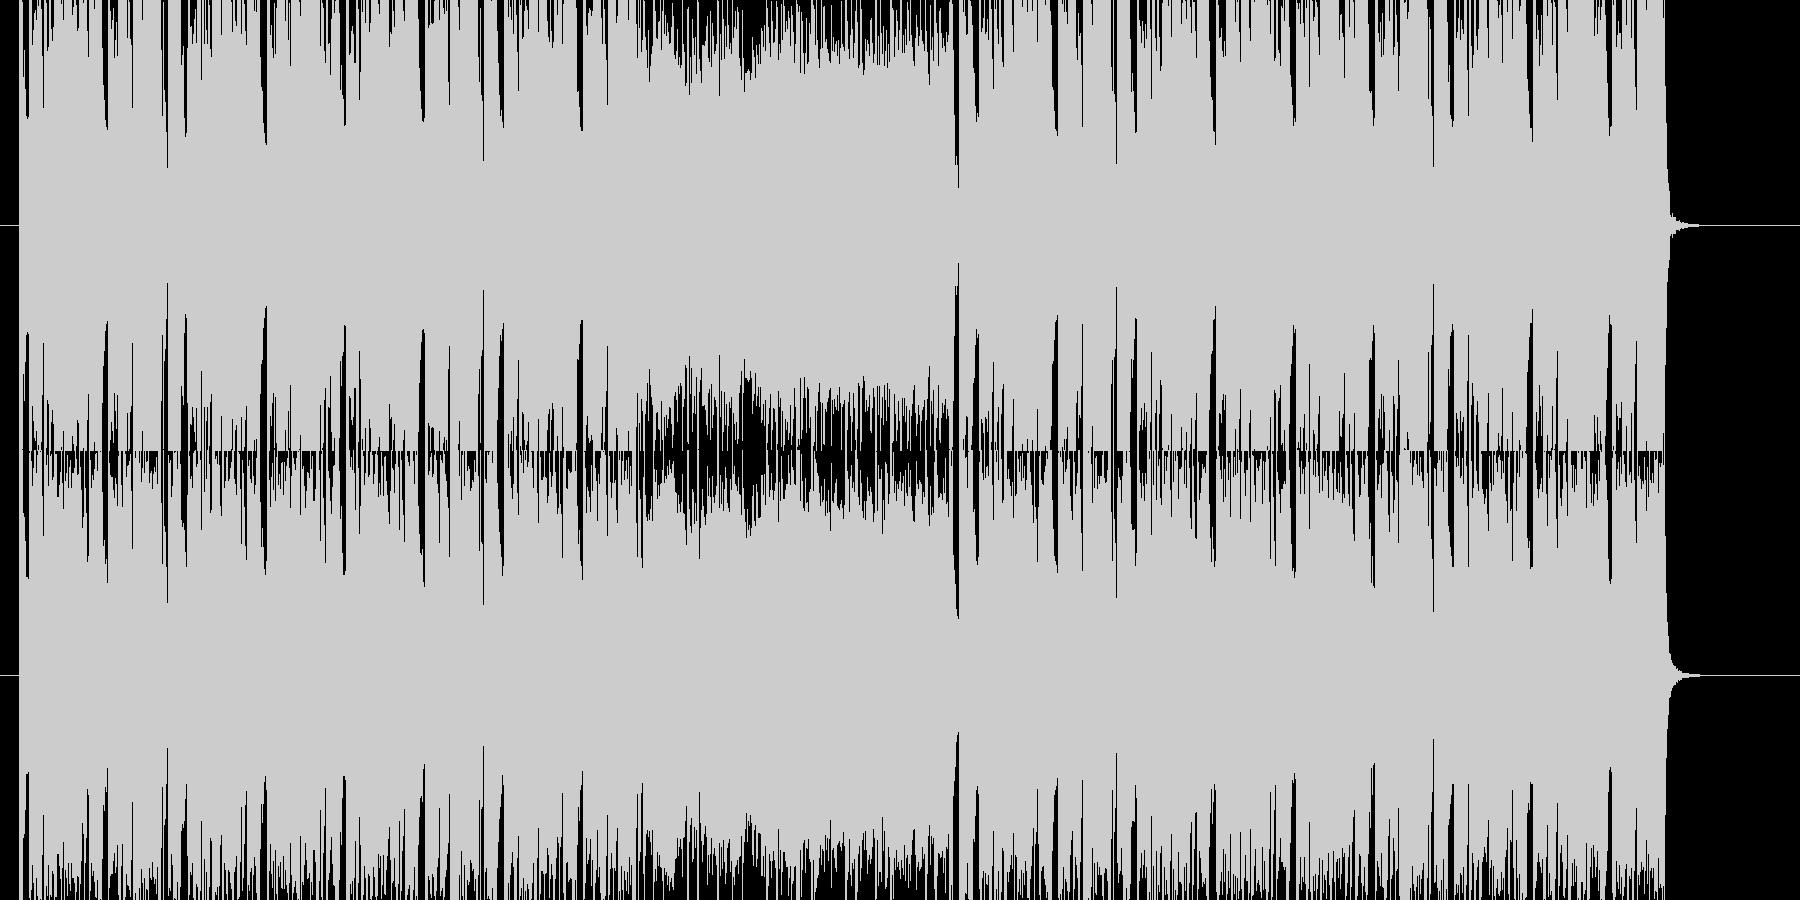 元気なフルートが印象的なポップBGMの未再生の波形